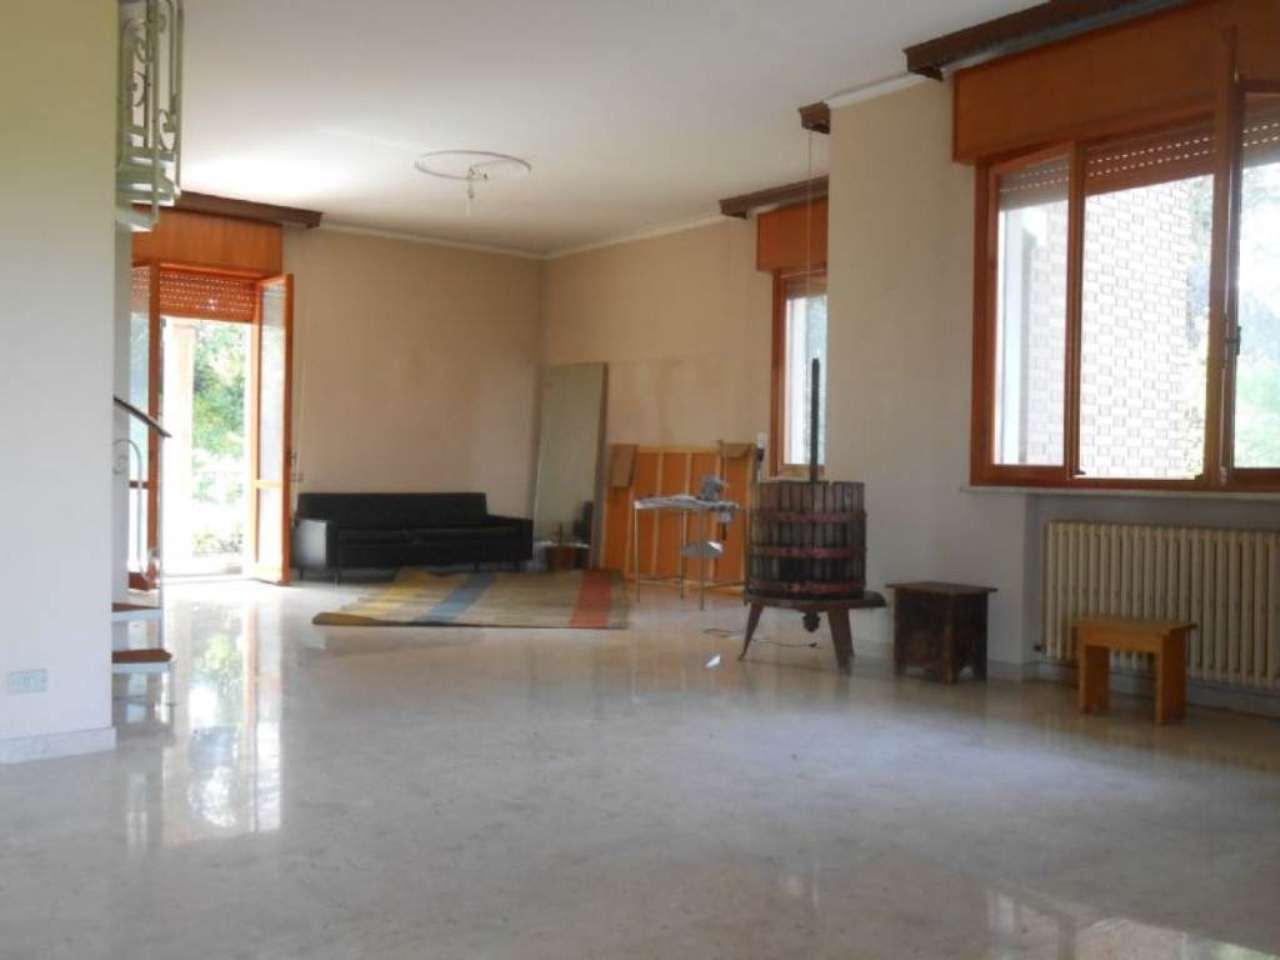 Soluzione Semindipendente in vendita a Savignano sul Panaro, 9999 locali, prezzo € 325.000 | Cambio Casa.it